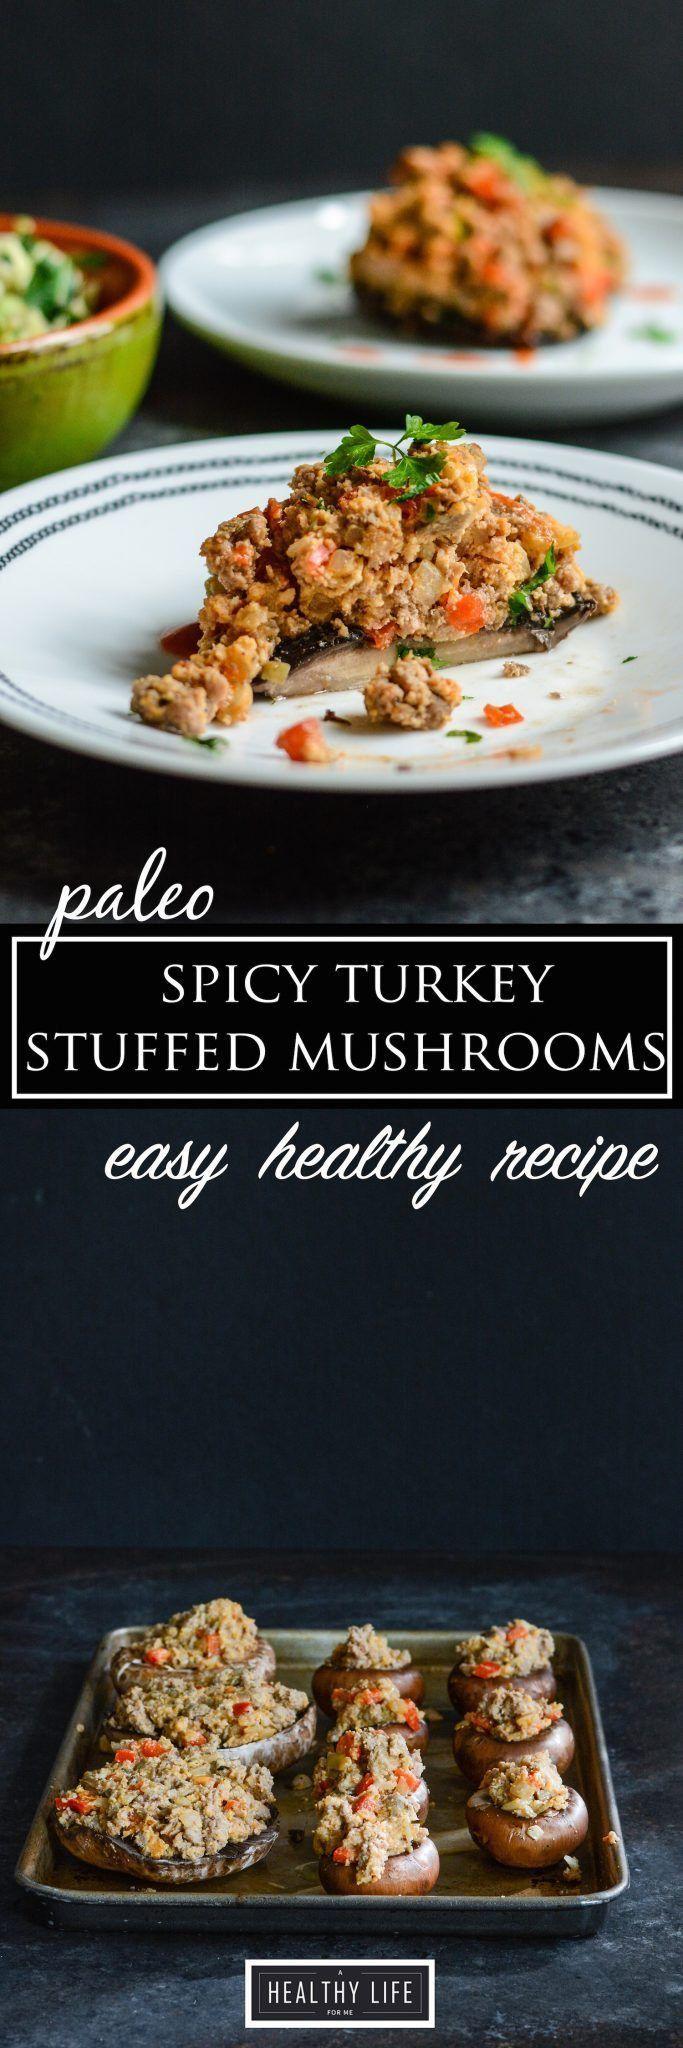 Paleo Spicy Turkey Stuffed Mushrooms Recipe | Paleo Recipe | Gluten Free Recipe | Healthy Recipe | Weeknight Dinner Recipe | Low Calorie Recipe | High Protein Recipe